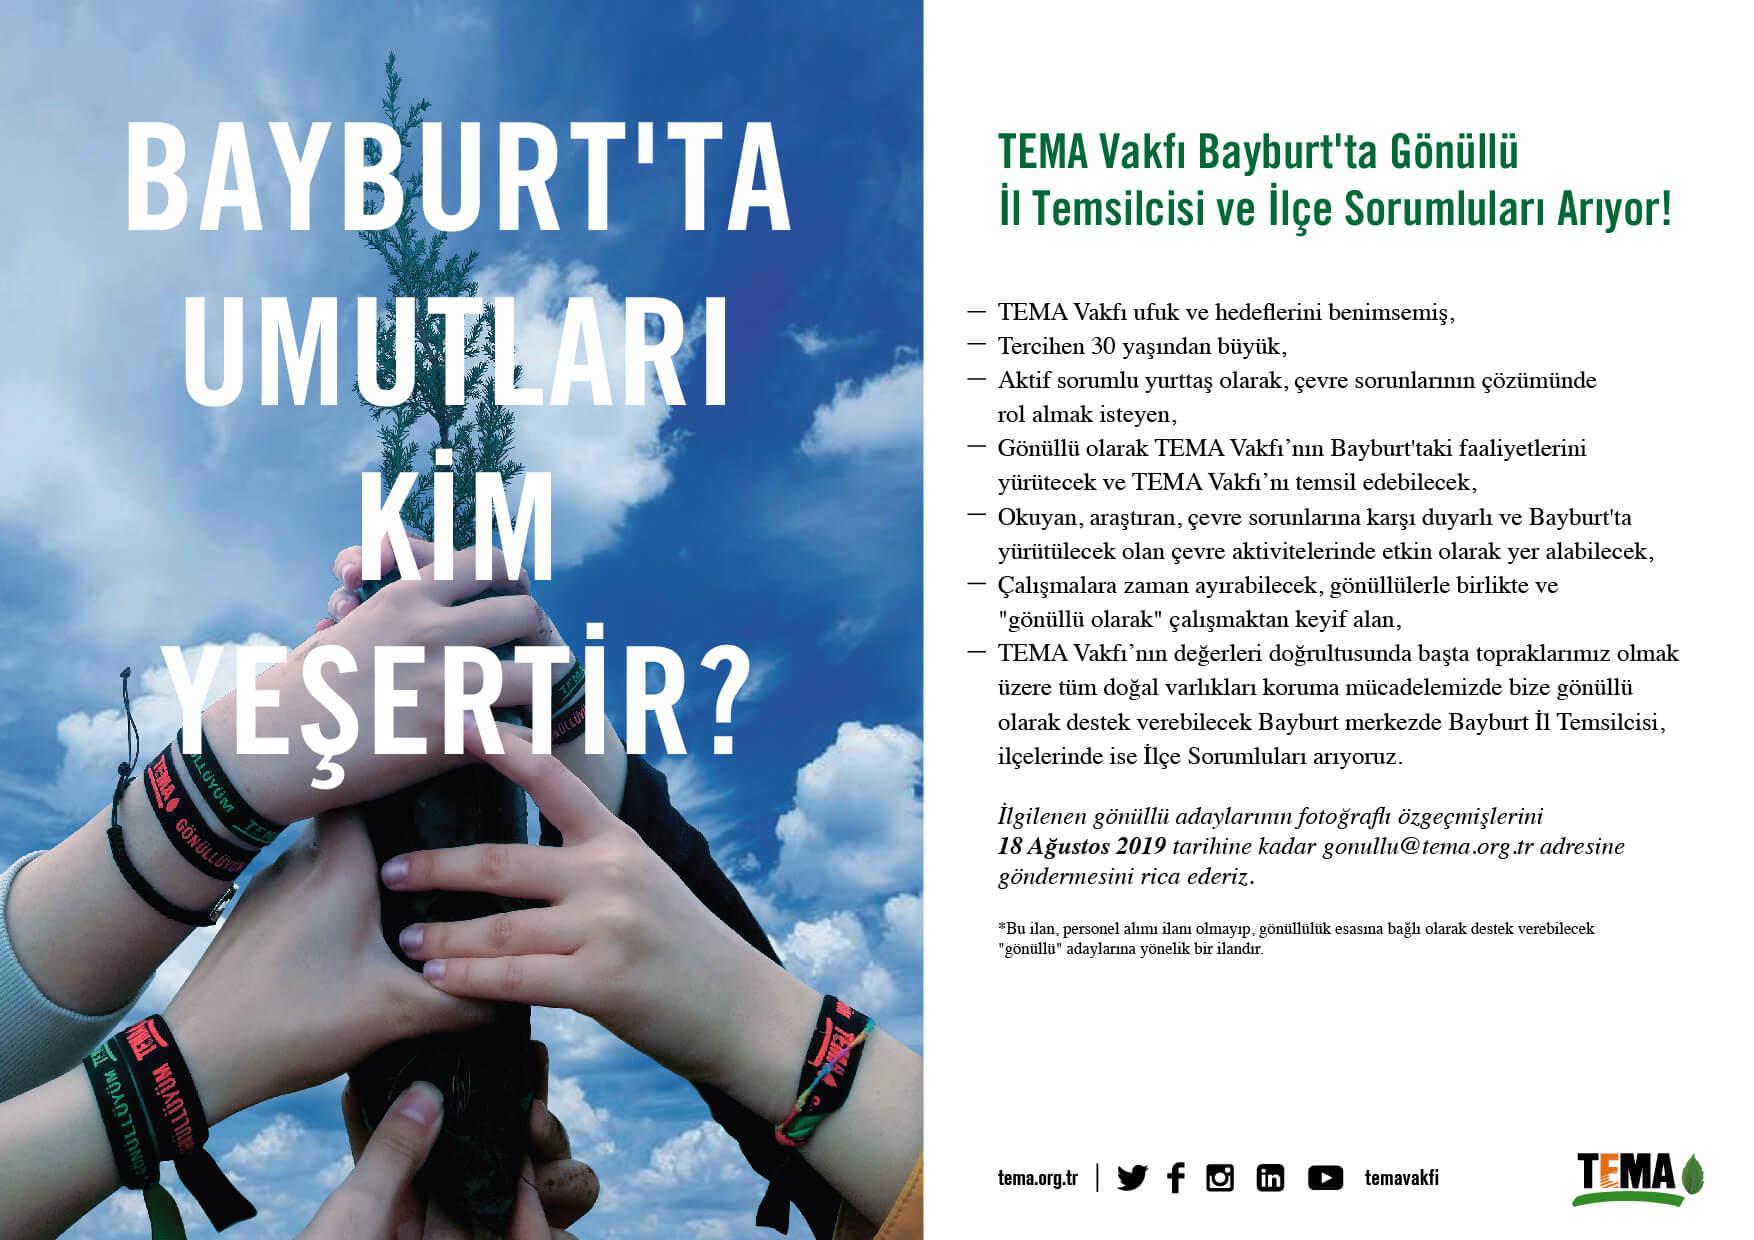 TEMA Vakfı Bayburt'ta Gönüllü İl Temsilcisi ve İlçe Sorumluları Arıyor!